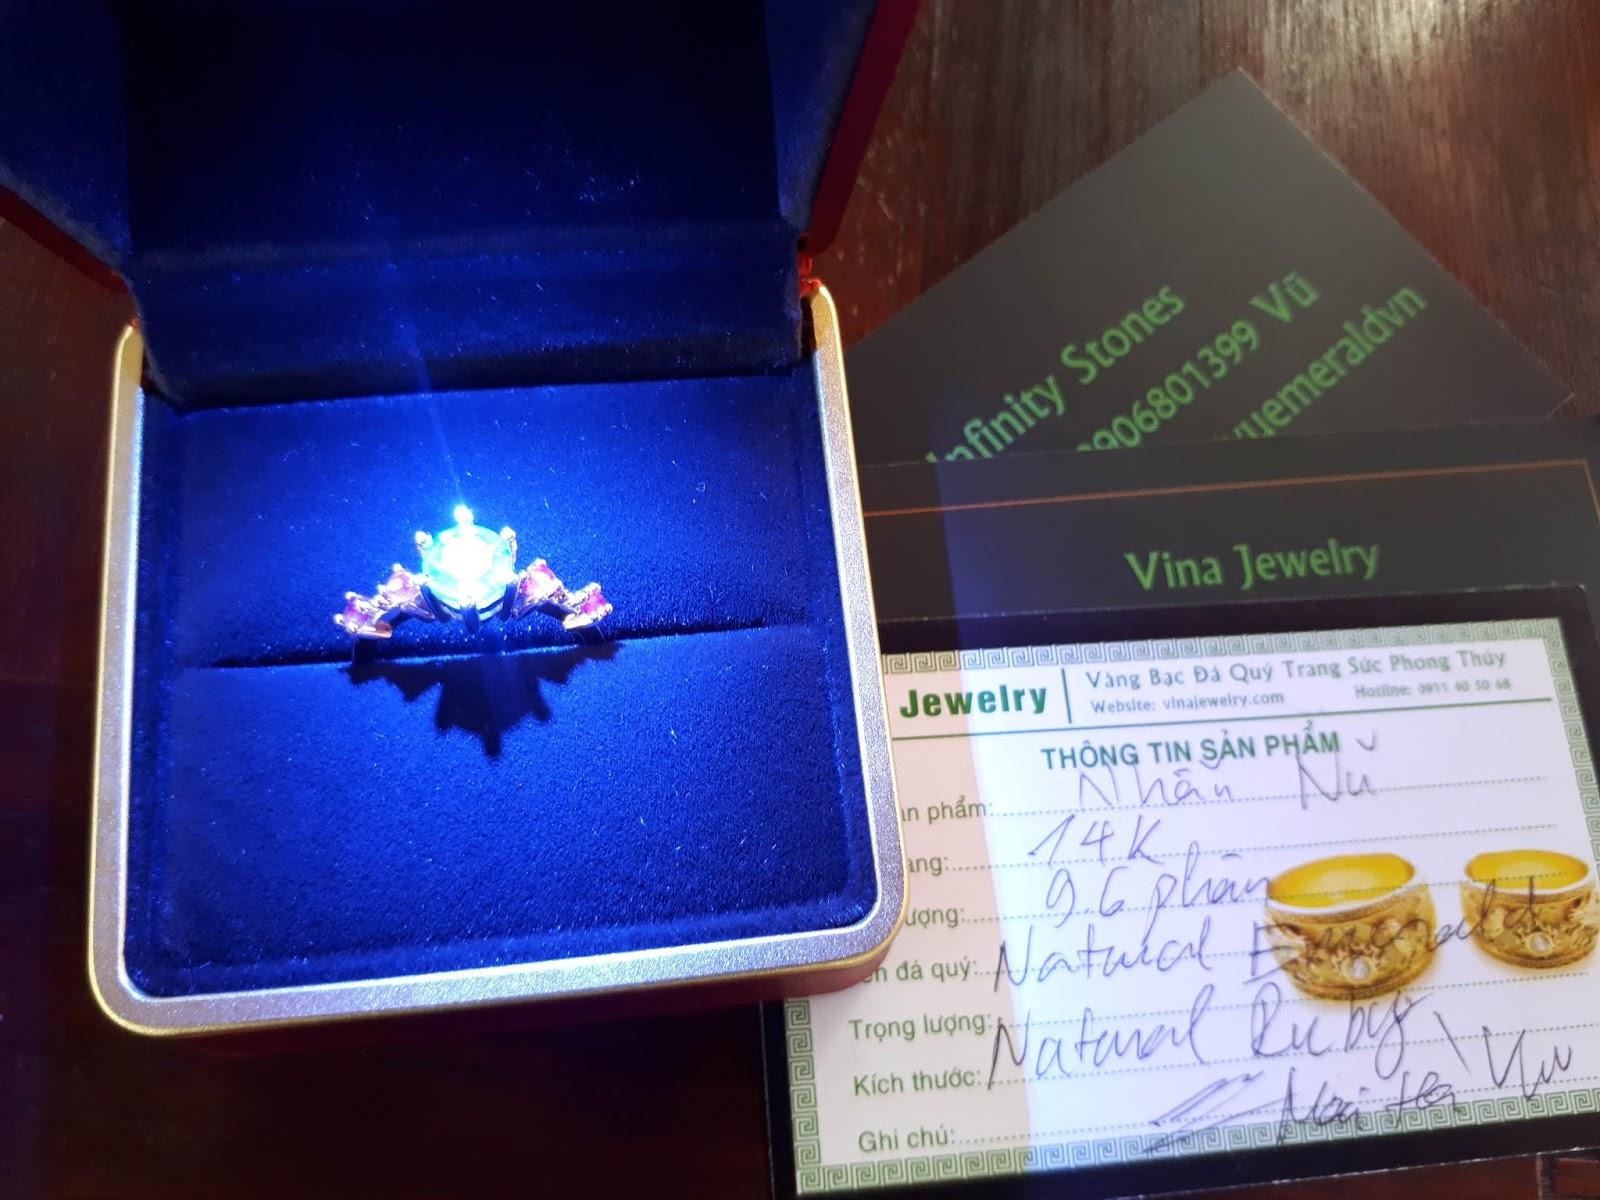 Ngọc Lục Bảo Colombia, Natural Emerald hàng tròn giác xoàn lên nhẫn lấp lánh